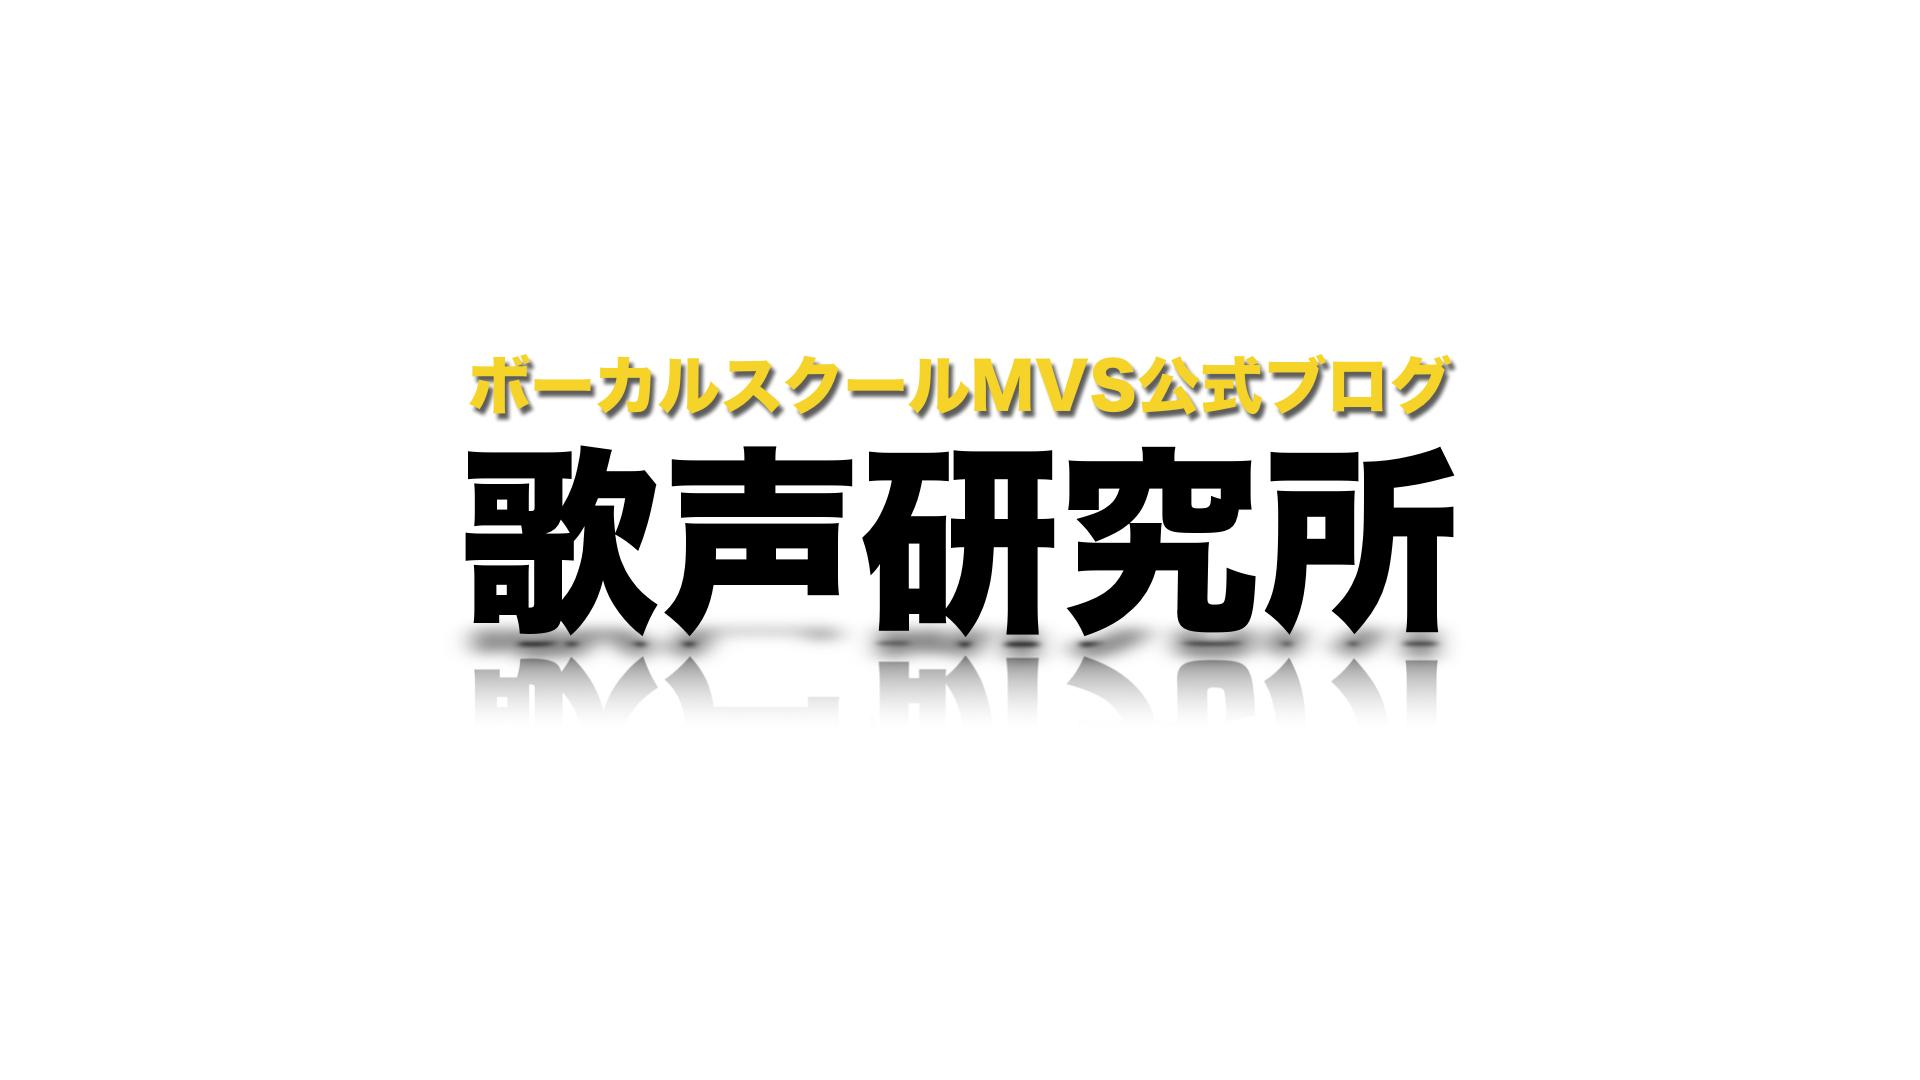 歌声研究所 〜ボーカルスクールMVS〜